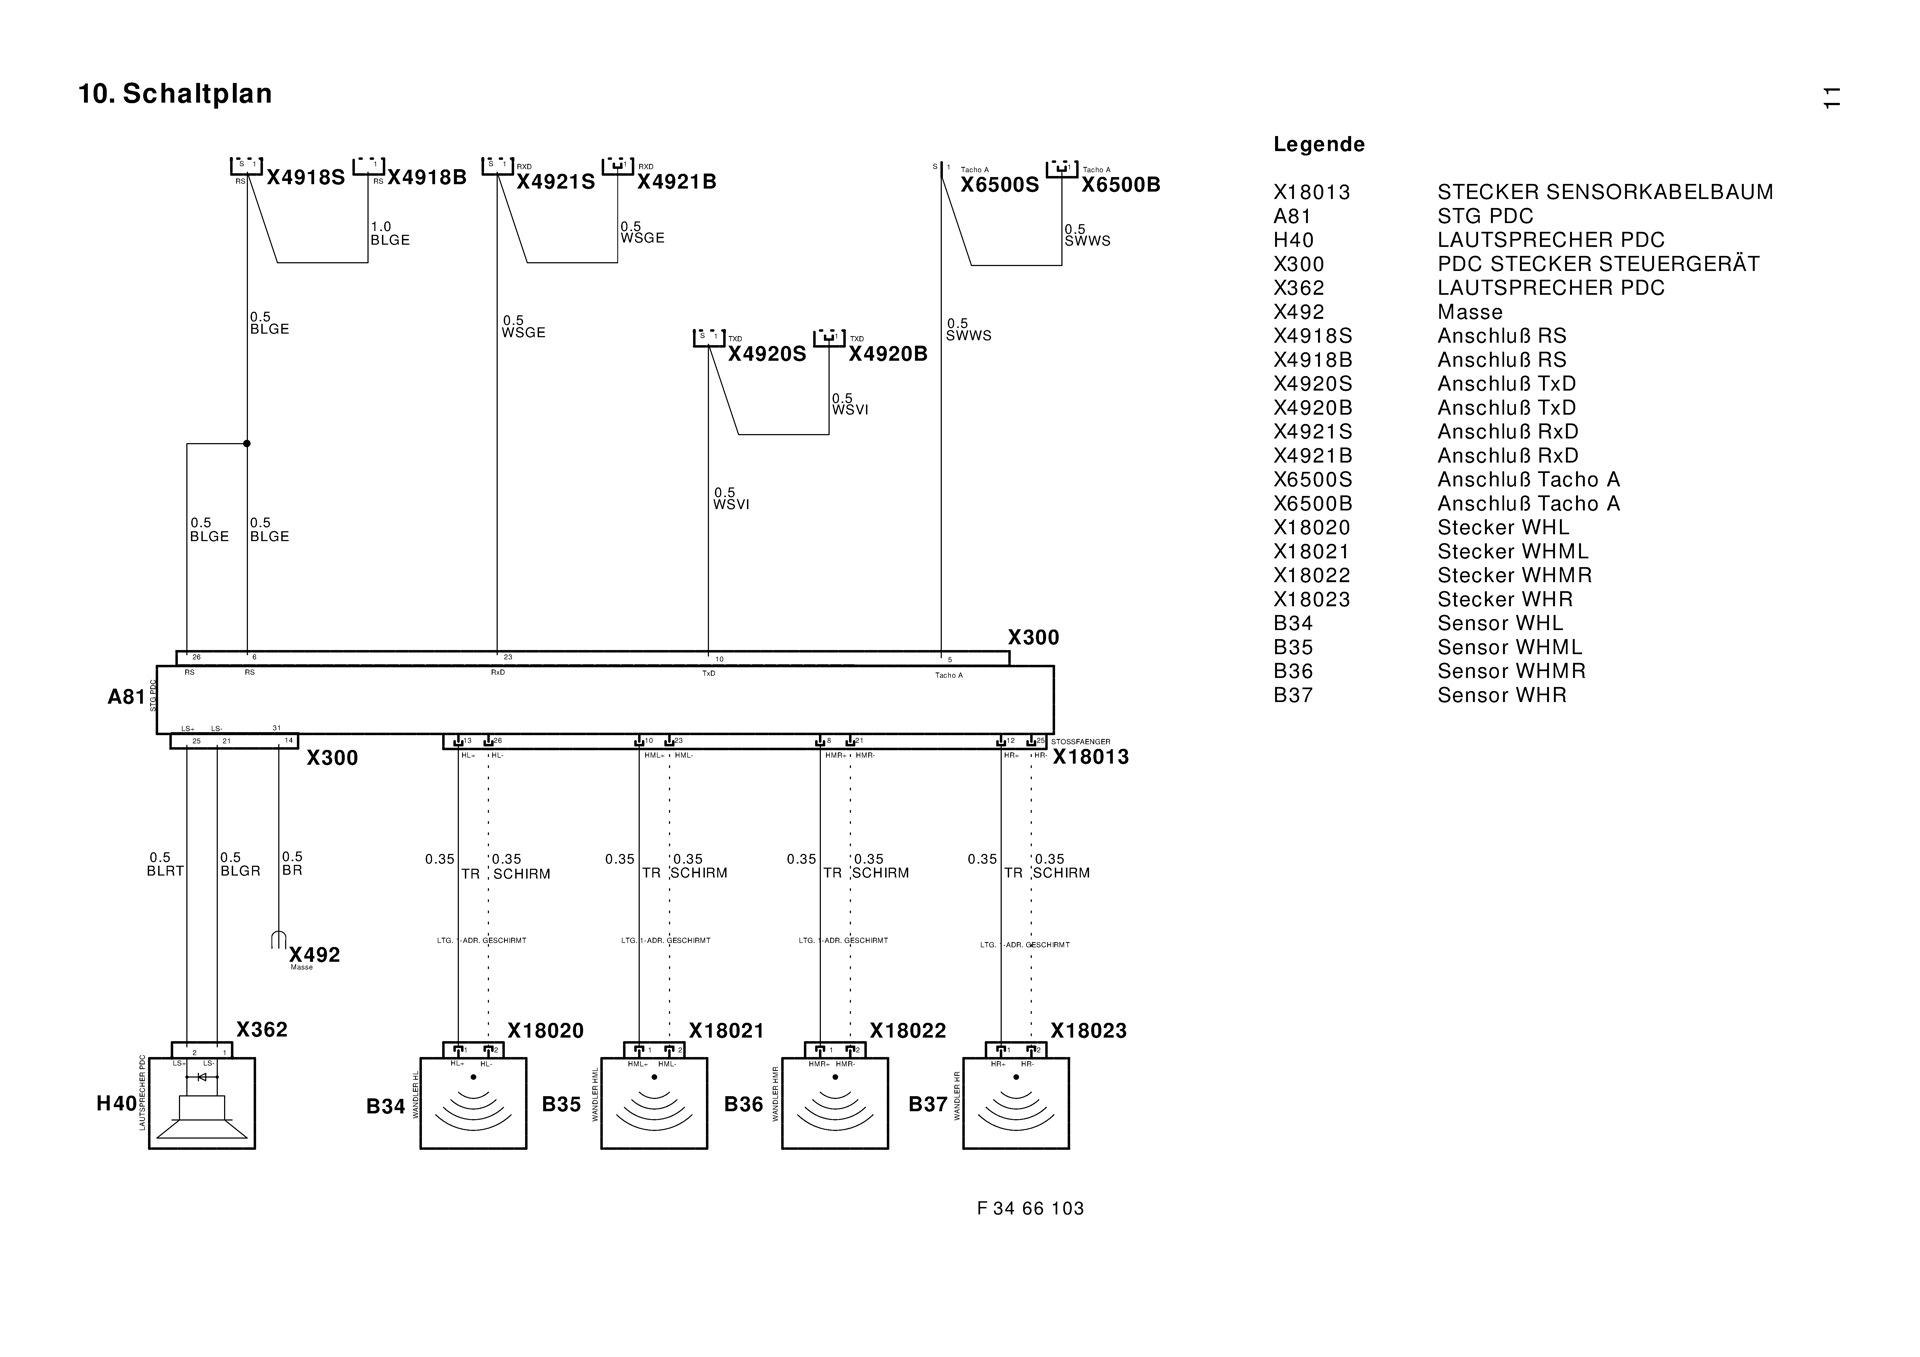 Ausgezeichnet E24 Schaltpläne Fotos - Der Schaltplan - triangre.info